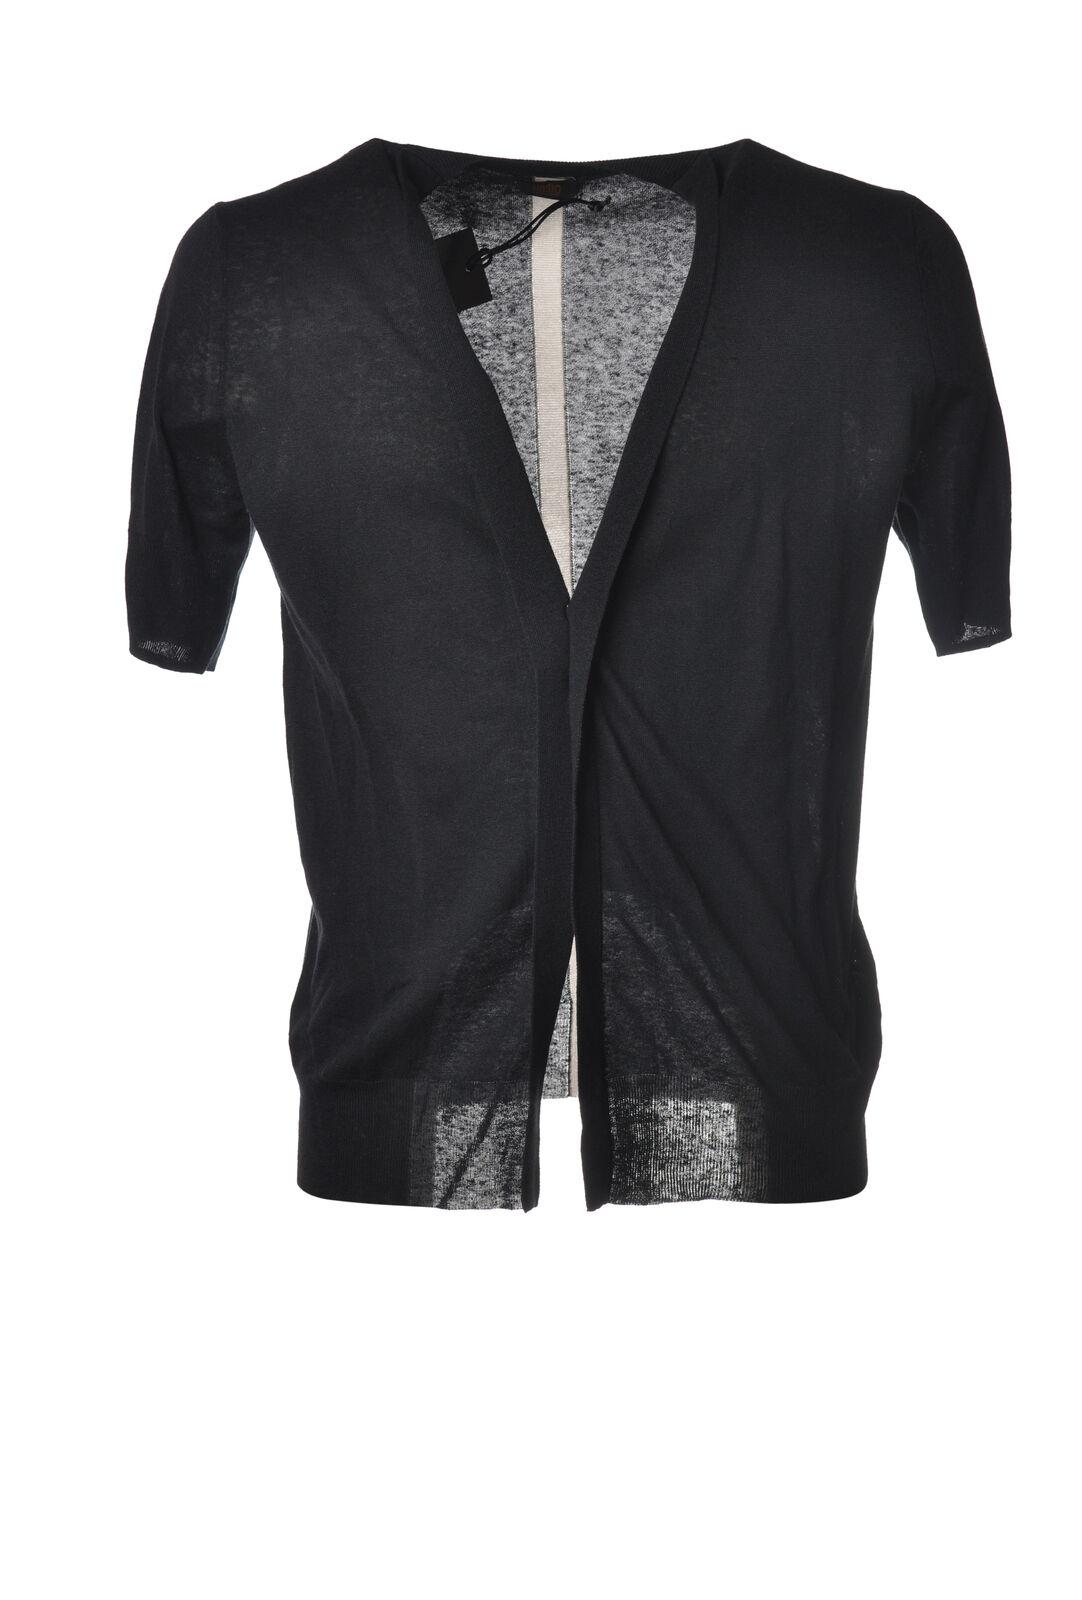 Hosio - Knitwear-Cardigan - Man - Blau - 6021313C191619